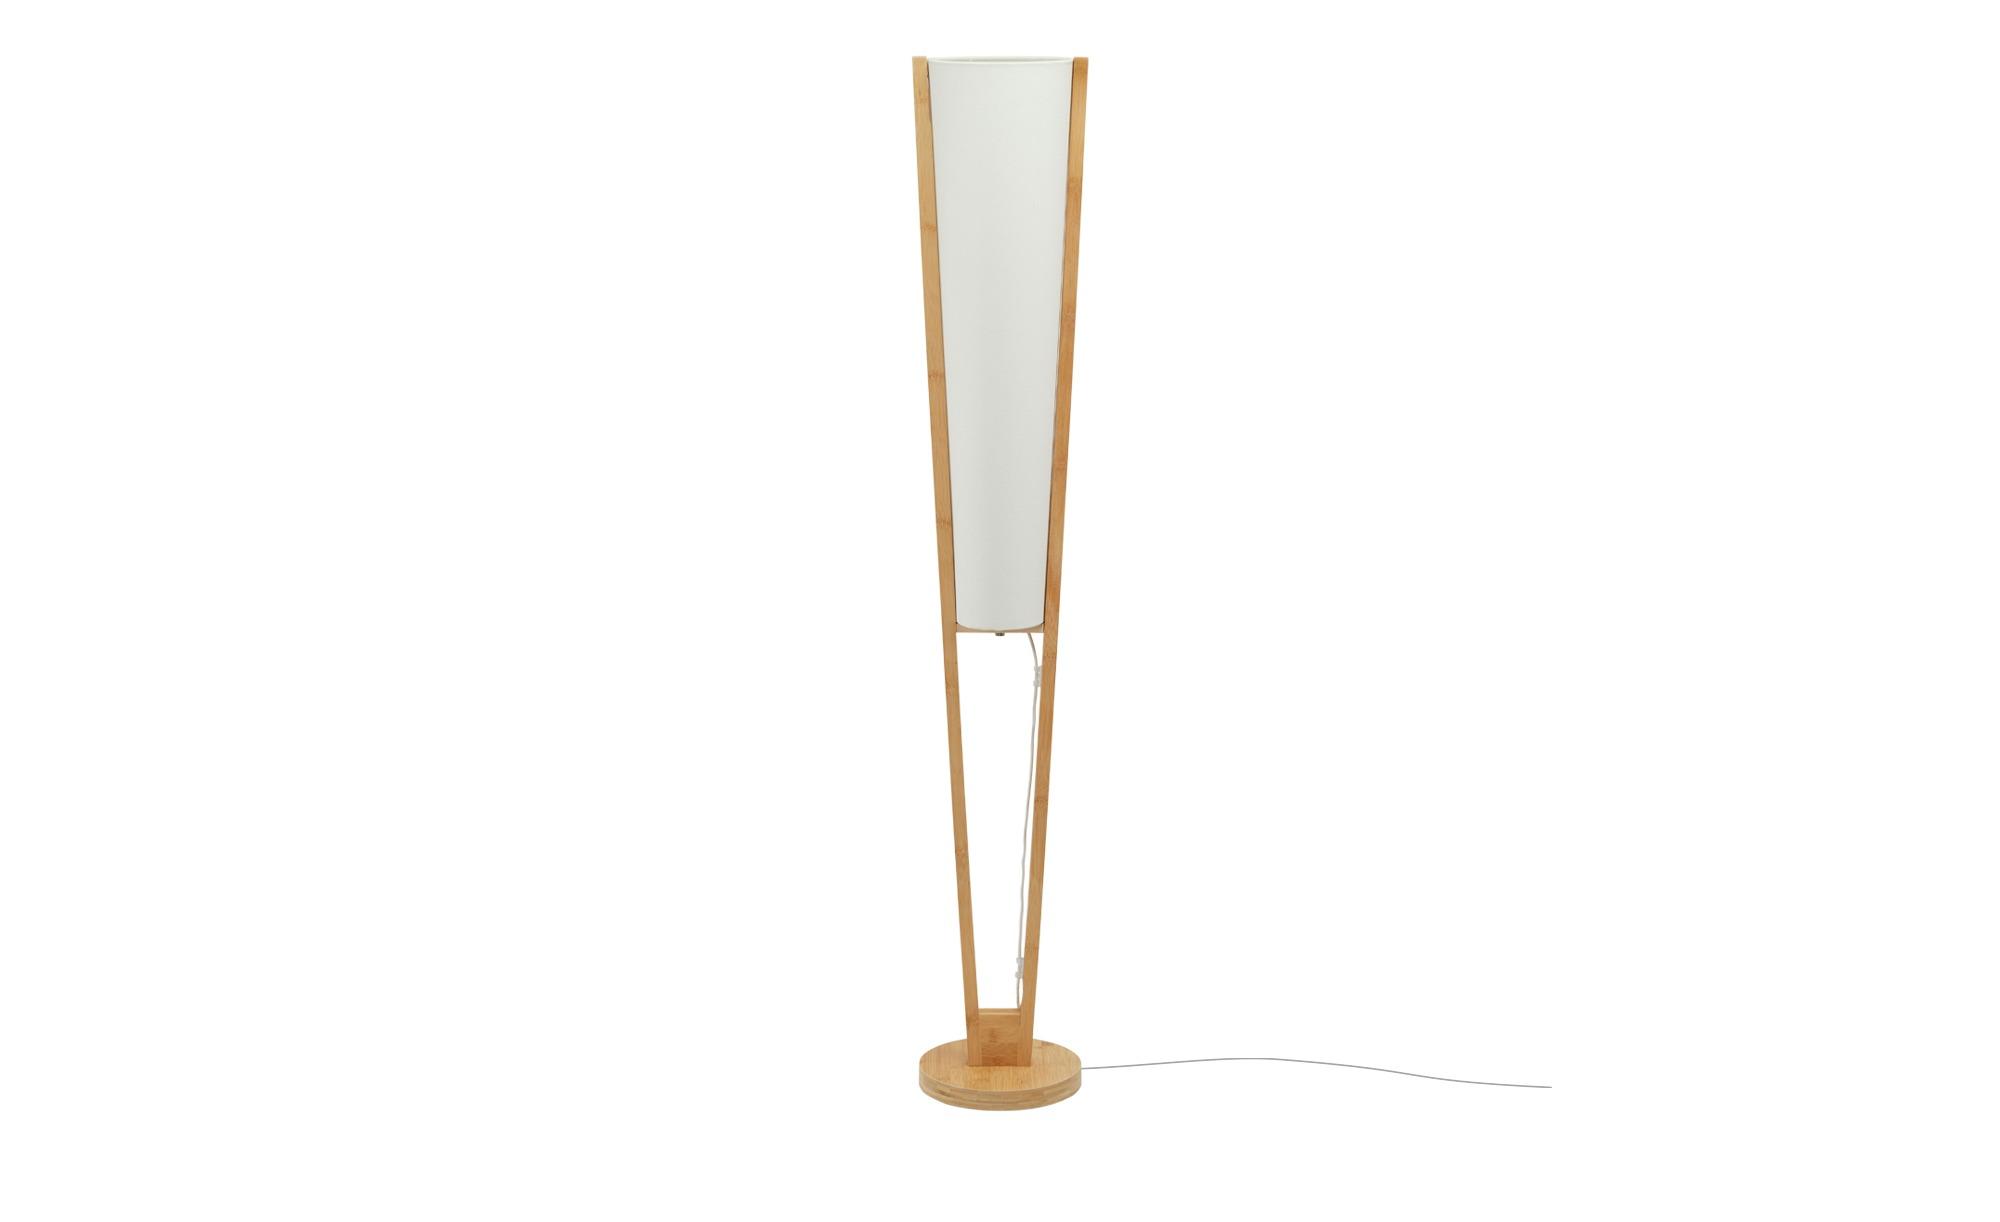 KHG Stehleuchte, 2-flammig, Bambus ¦ holzfarben ¦ Maße (cm): H: 150 Ø: 24 Lampen & Leuchten > Innenleuchten > Stehlampen - Höffner